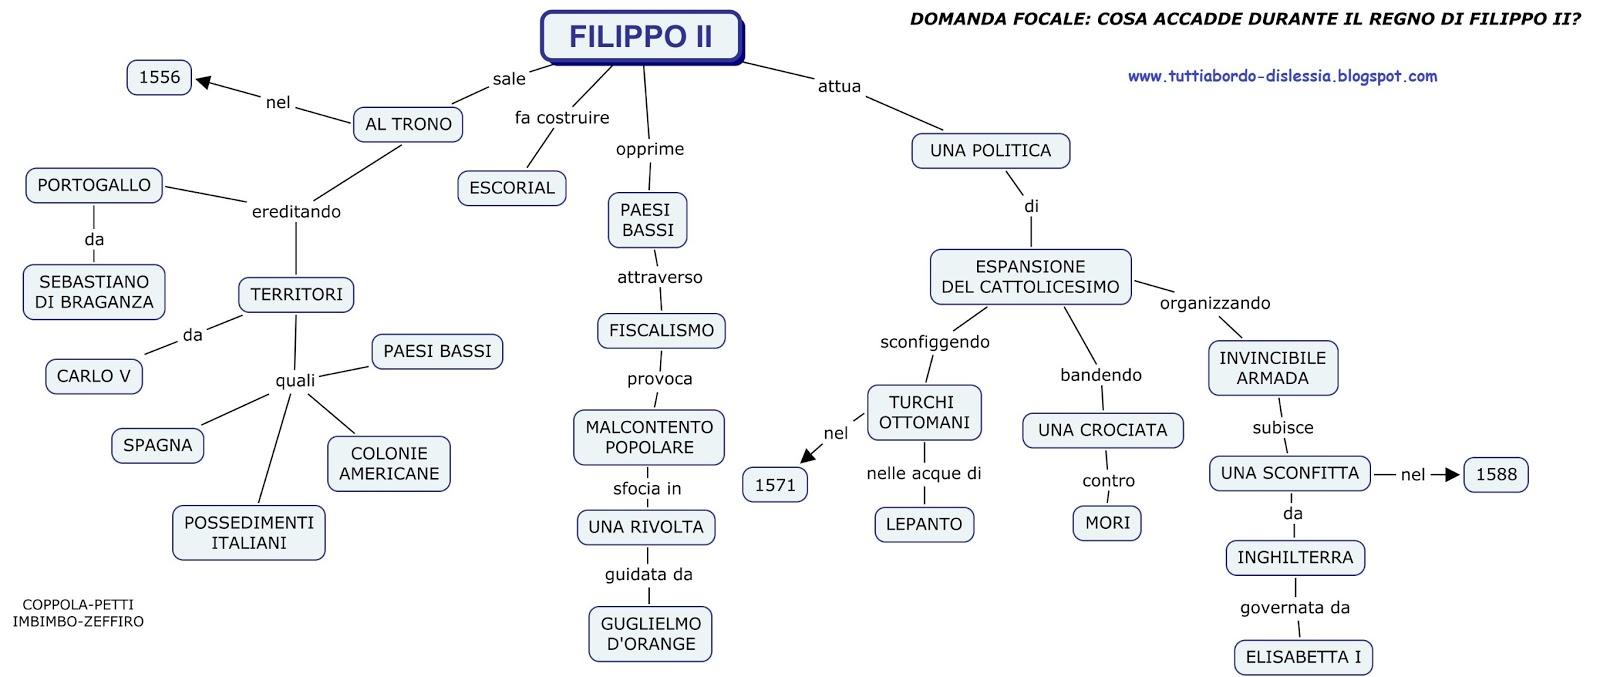 Conosciuto filippo-ii-tutti-a-bordo-  AE64